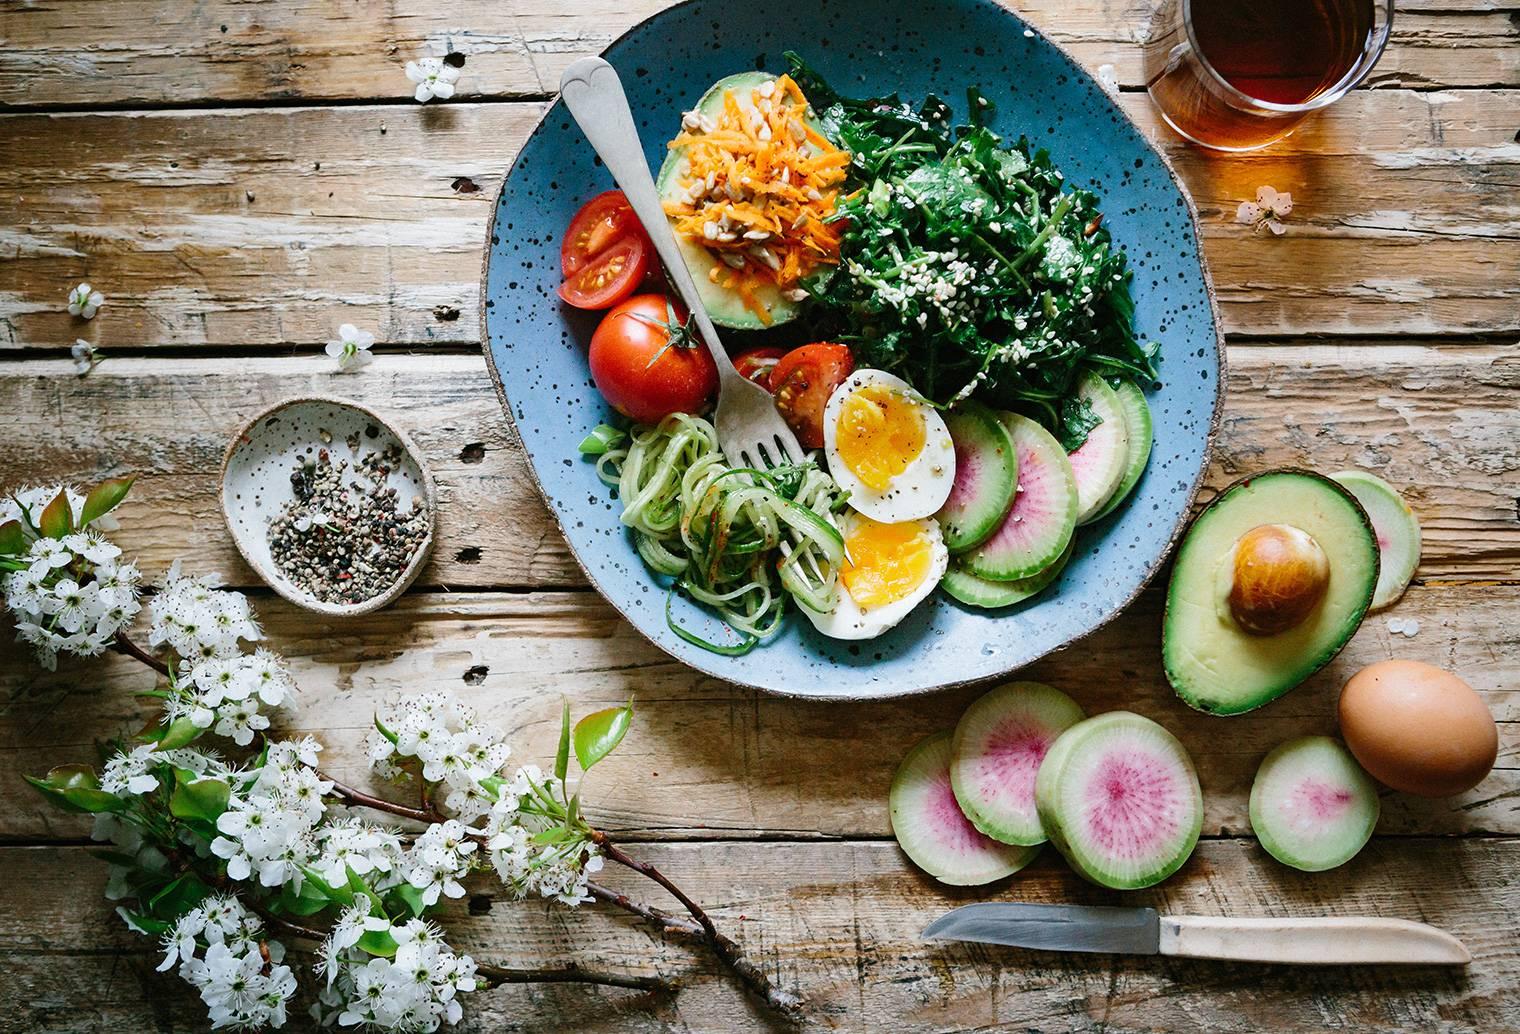 Cuisiner sainement : 12 ingrédients incontournables!